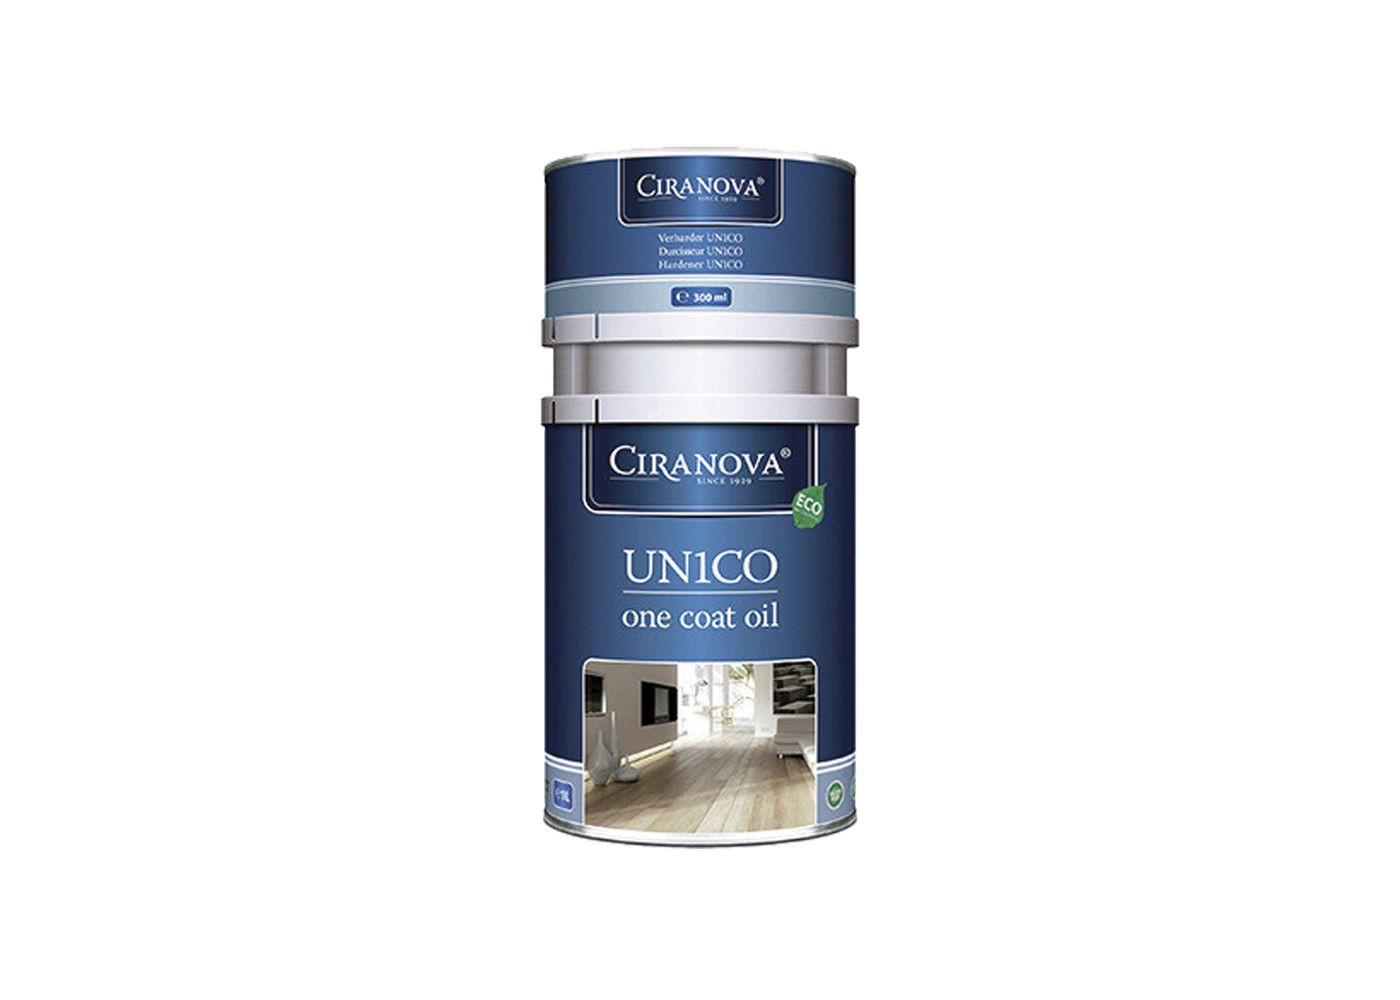 Huilé teintée UN1CO Ciranova monocouchebi-composant environnementale